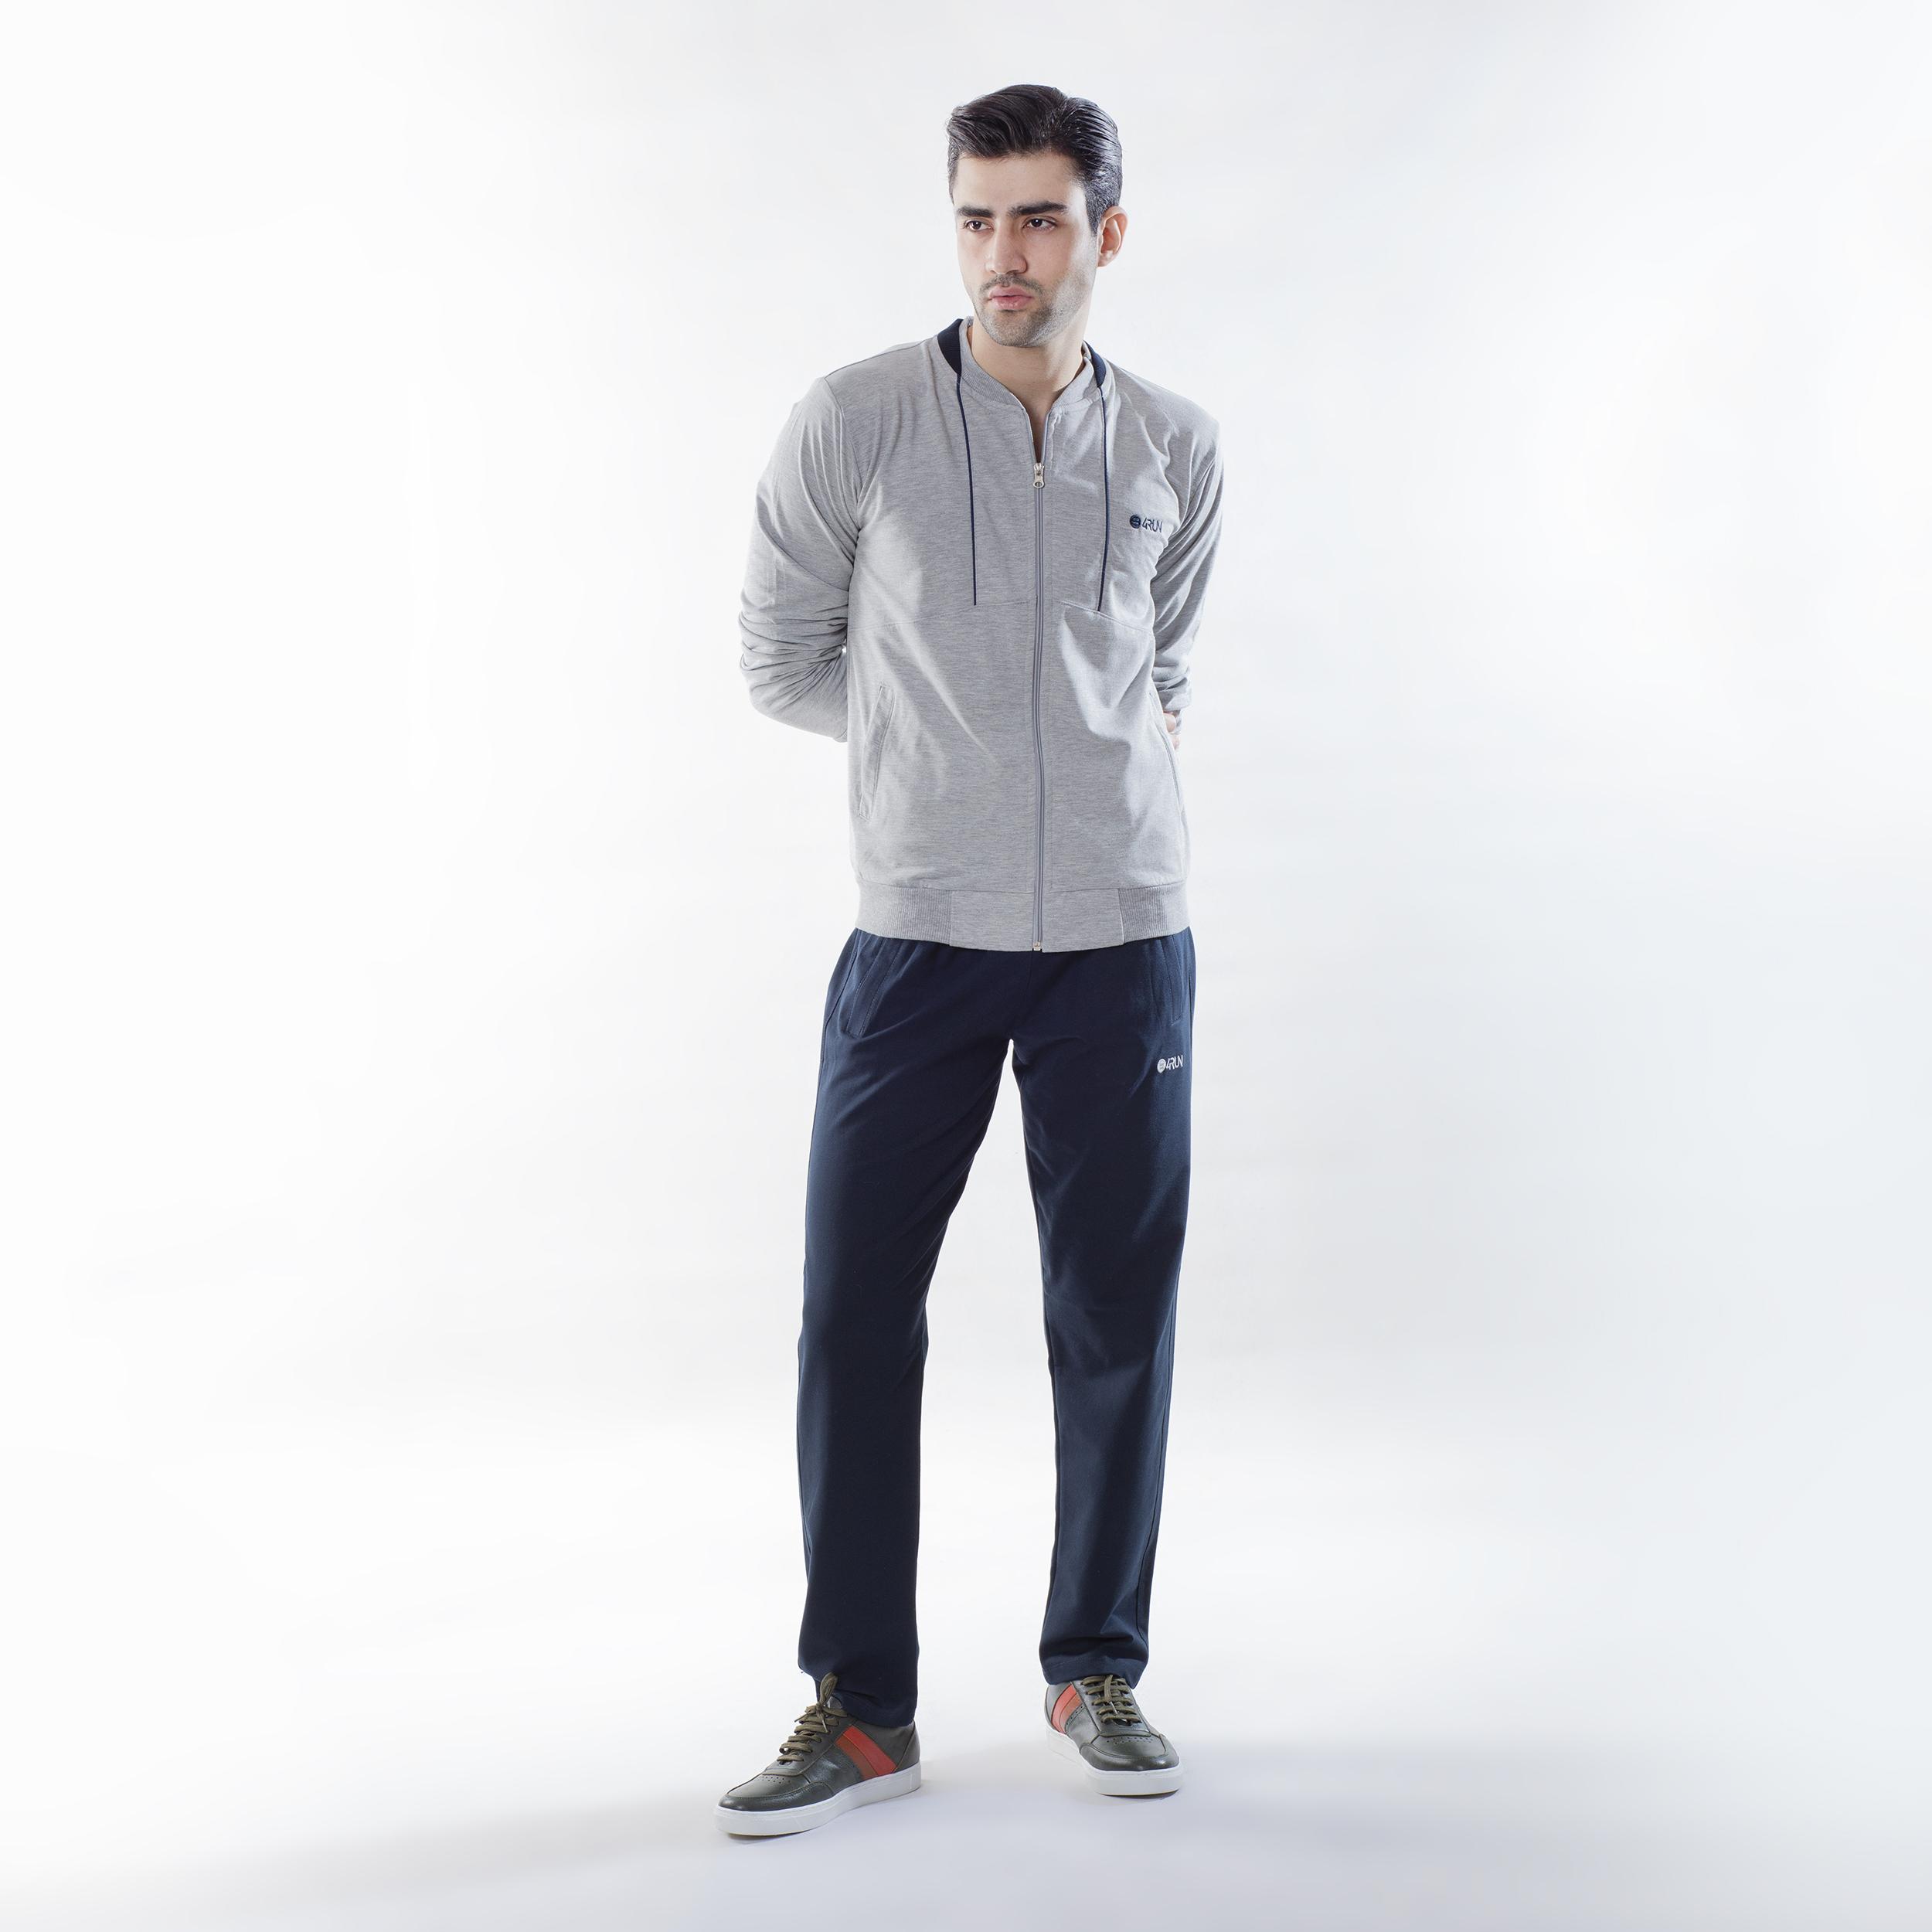 ست سویشرت و شلوار ورزشی مردانه بی فور ران مدل 210111-93